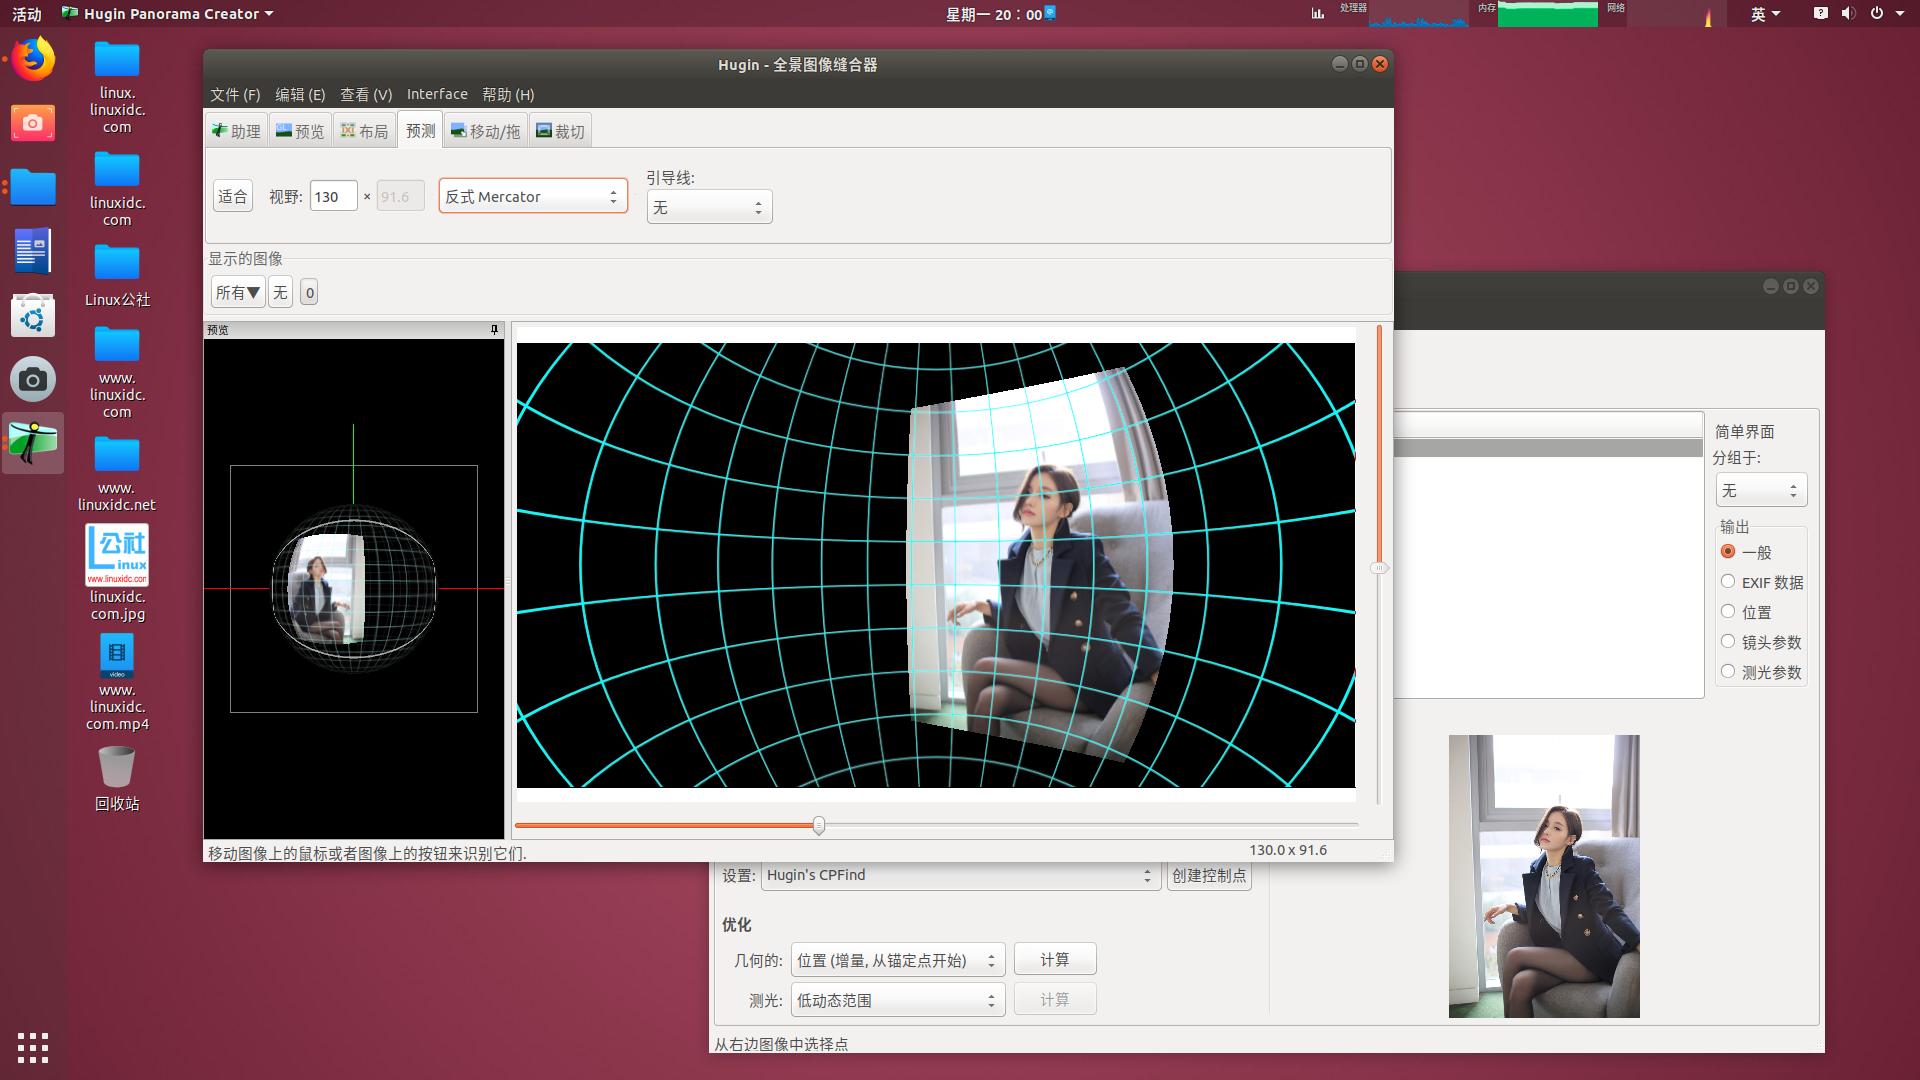 全景图像缝合器 Hugin 2019.0.0 发布,如何在Ubuntu 18.04/16.04中安装它